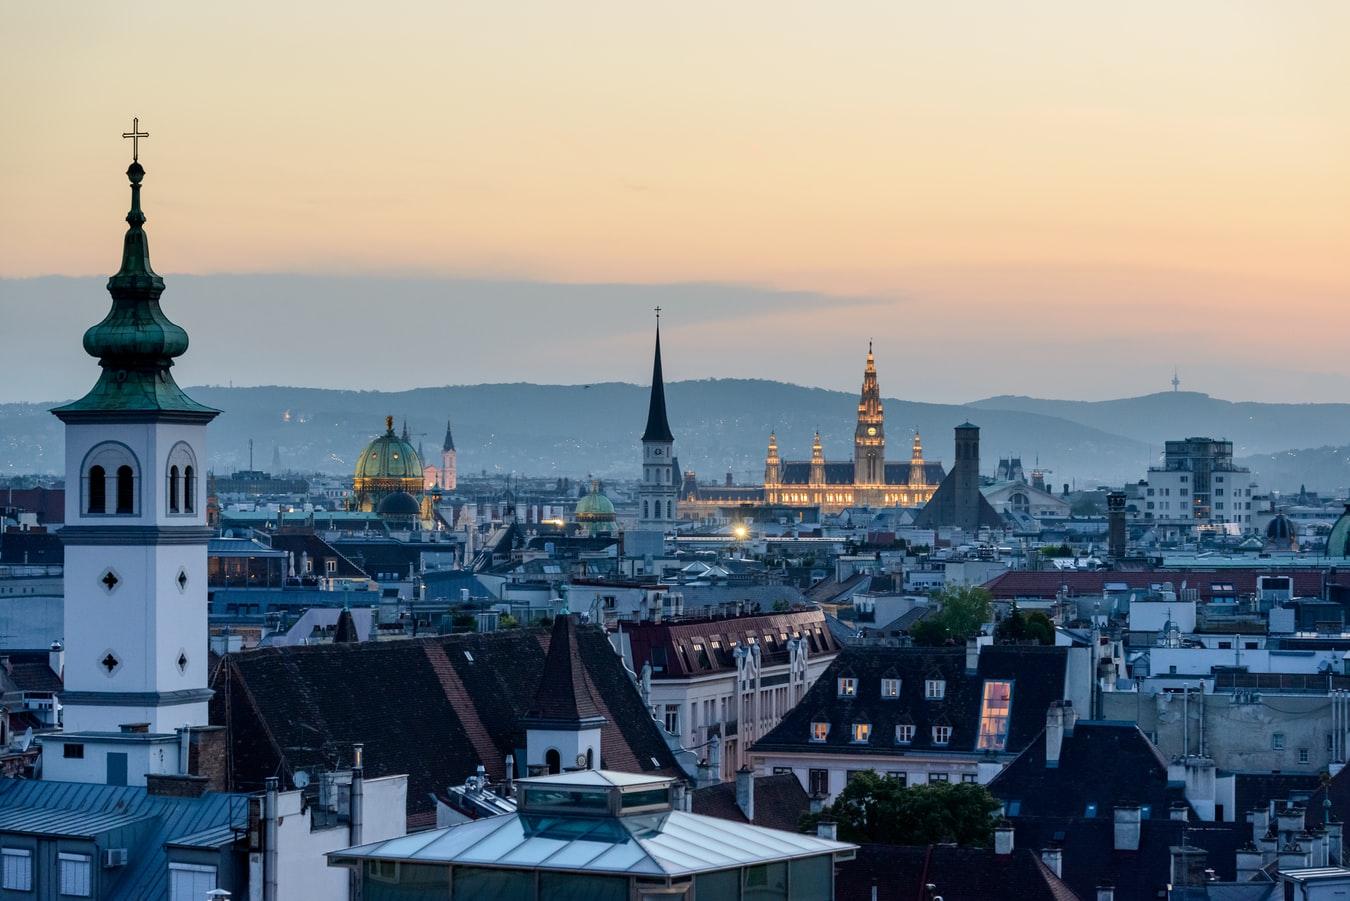 Vogelperspektive auf Wien in Österreich mit Stephansdom im Hintergrund